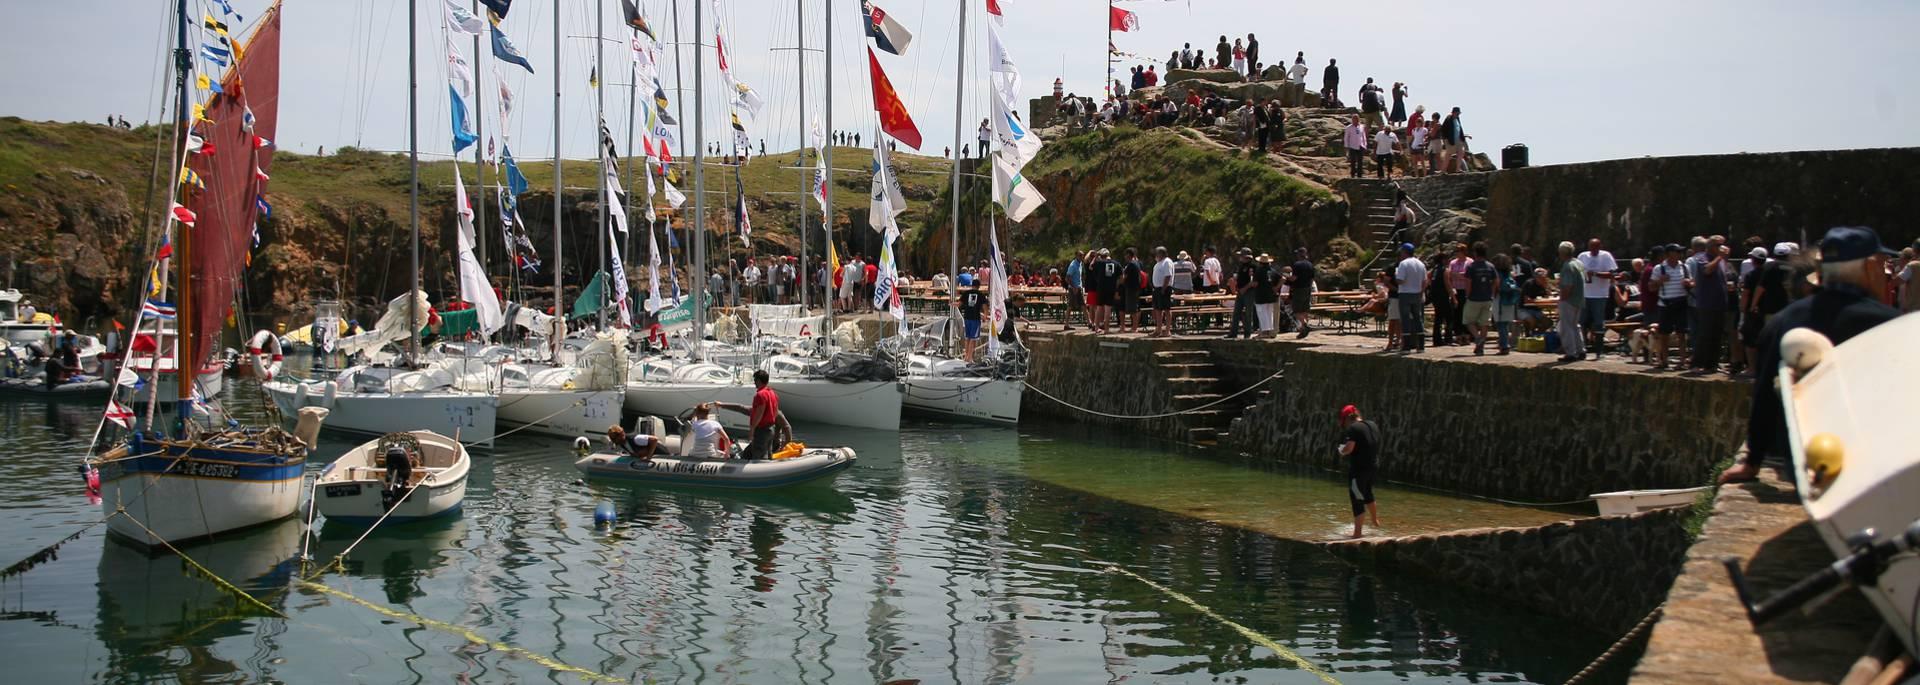 Defi des Ports de Pêche au Port de la Meule, Ile d'Yeu